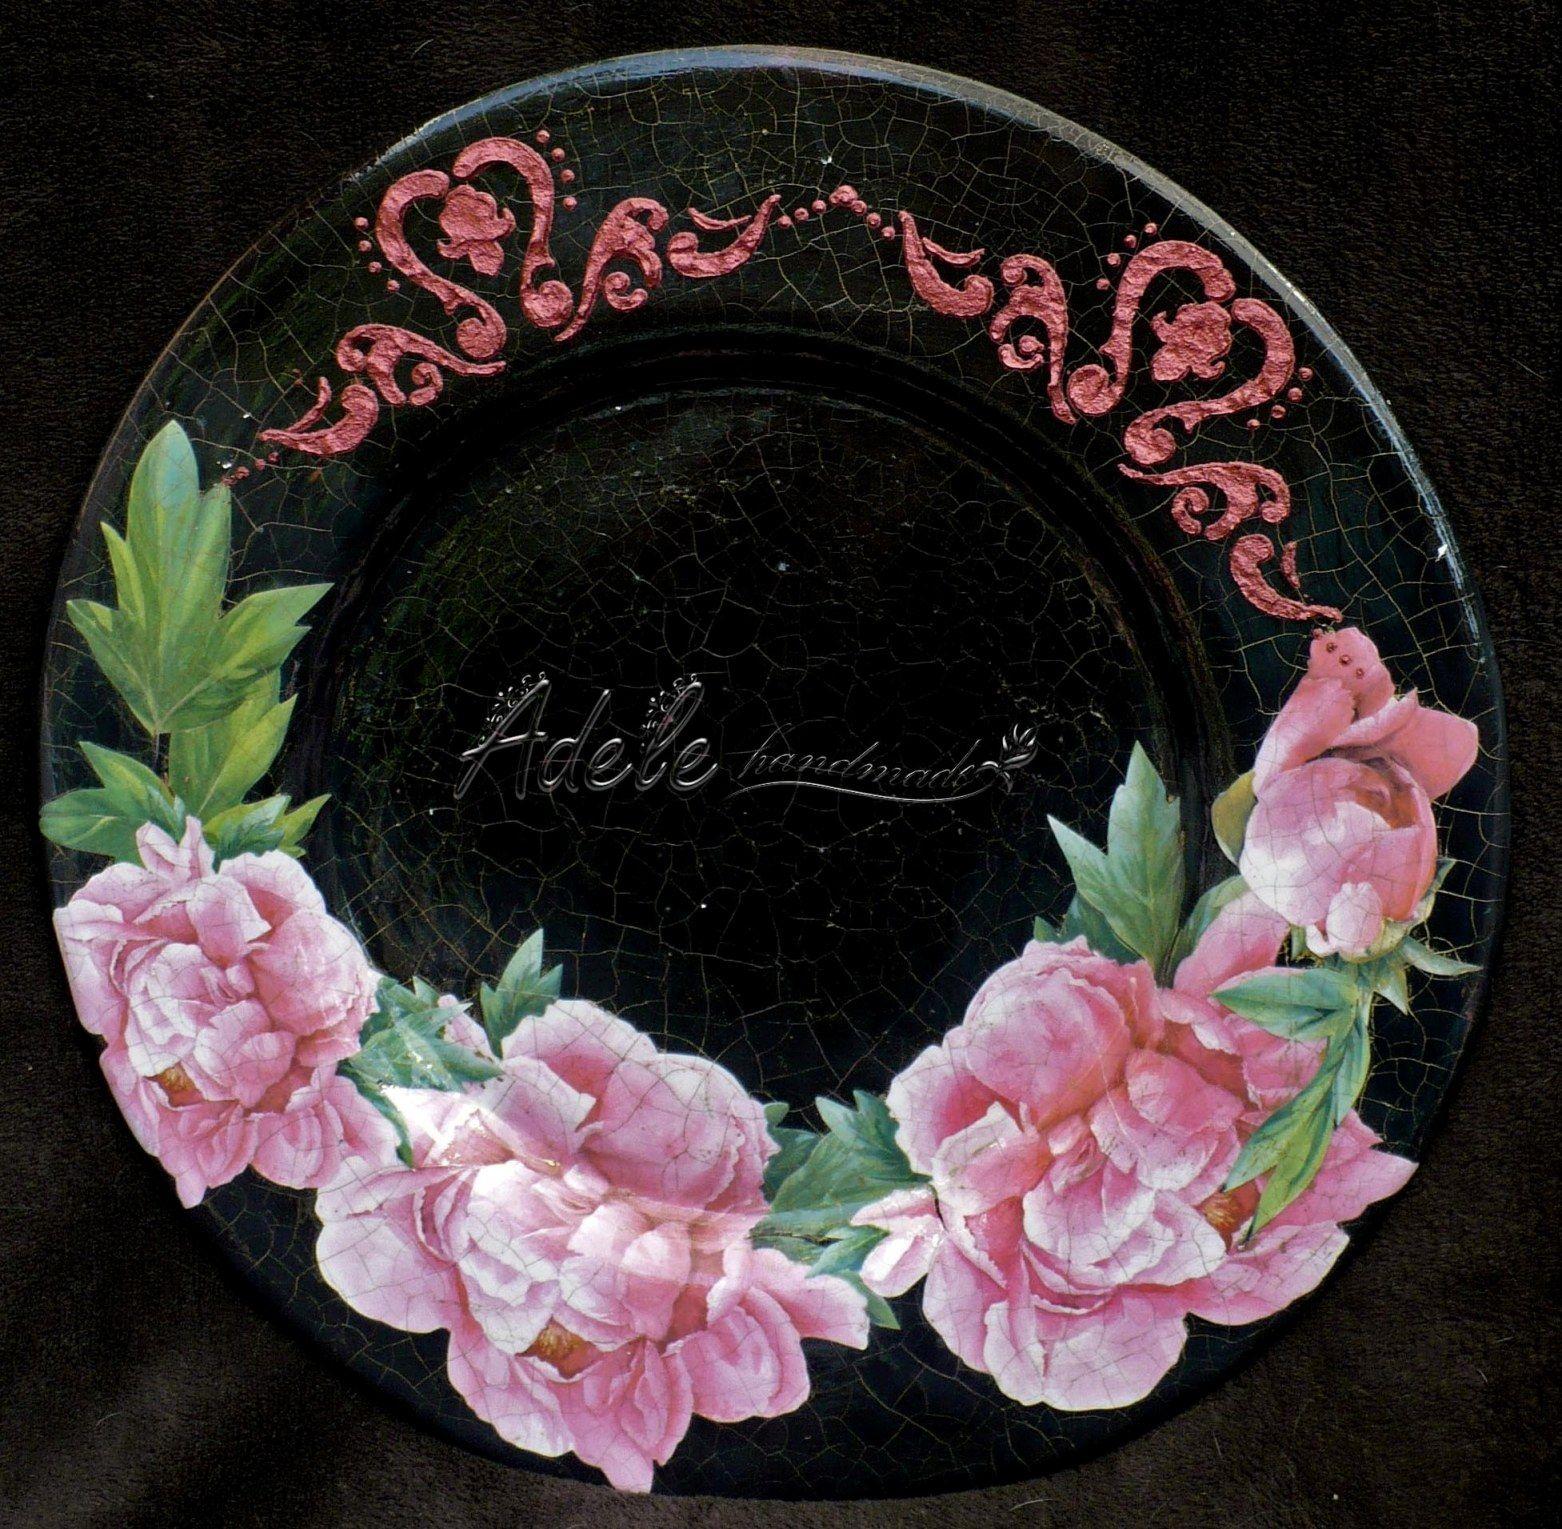 A beautiful underplate made with Decoupage Calambour paper CAL 85 by Adele Marano. Un bellissimo sottopiatto realizzato con la carta da decoupage Calambour CAL 85 da Adele Marano.